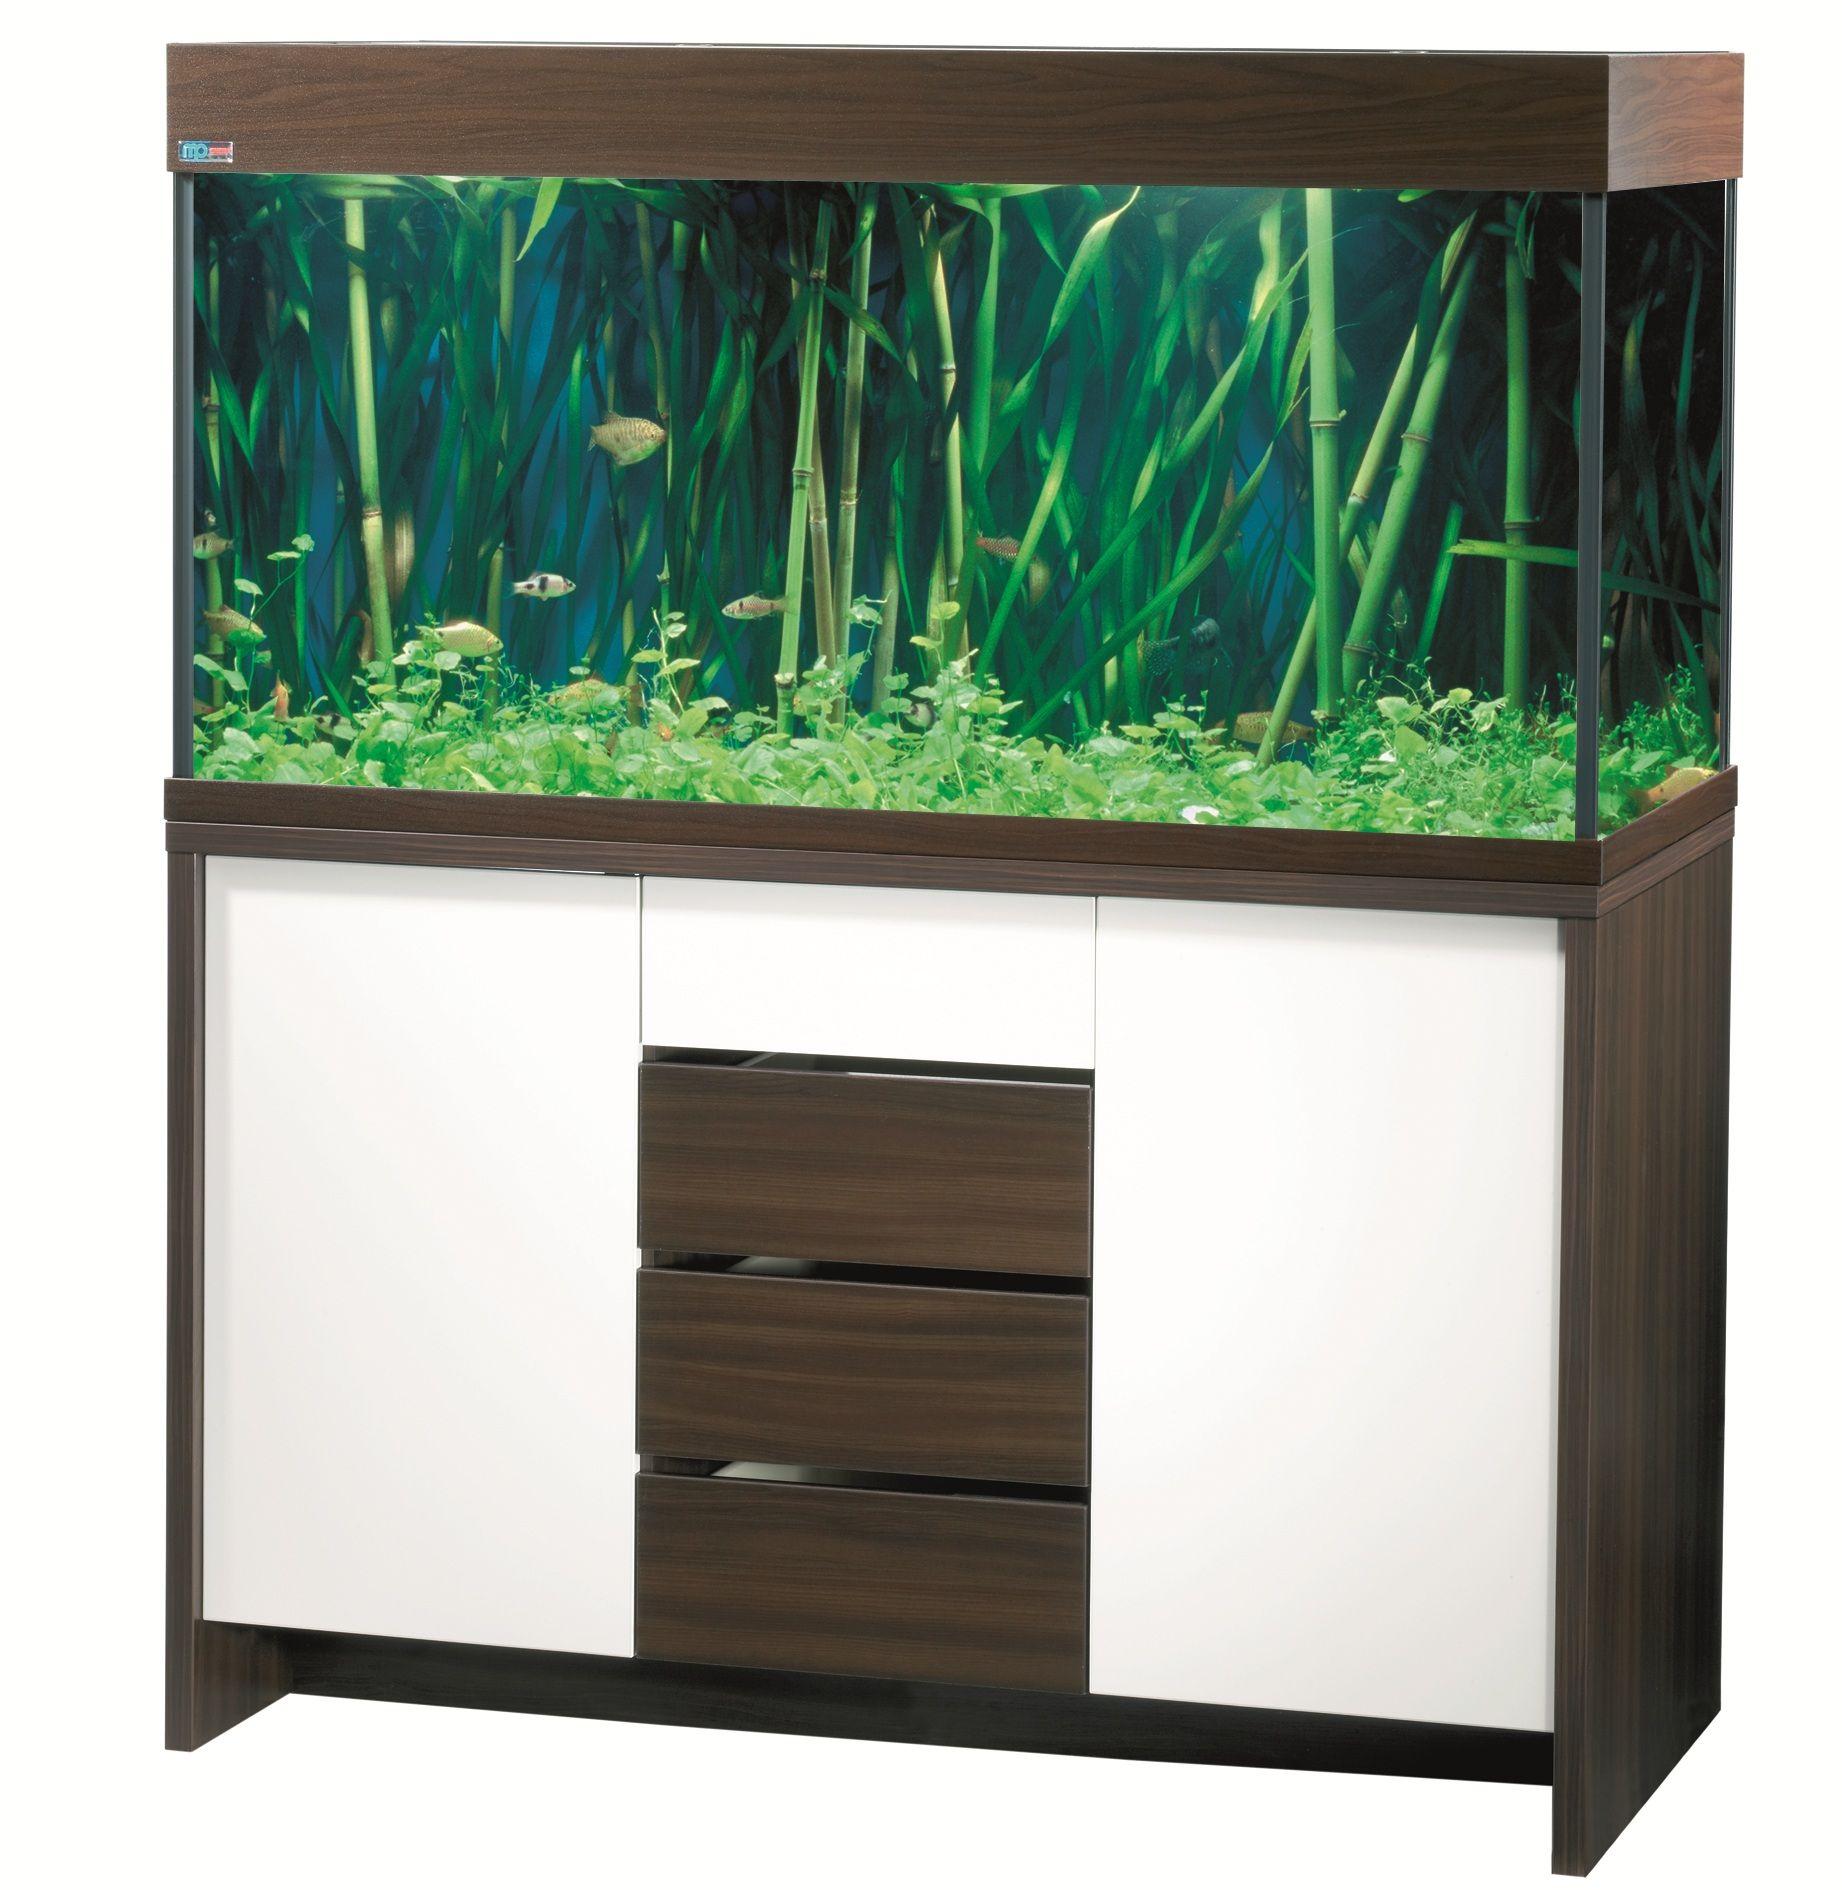 Resultado de imagen para pecera mueble teor a for Mueble acuario